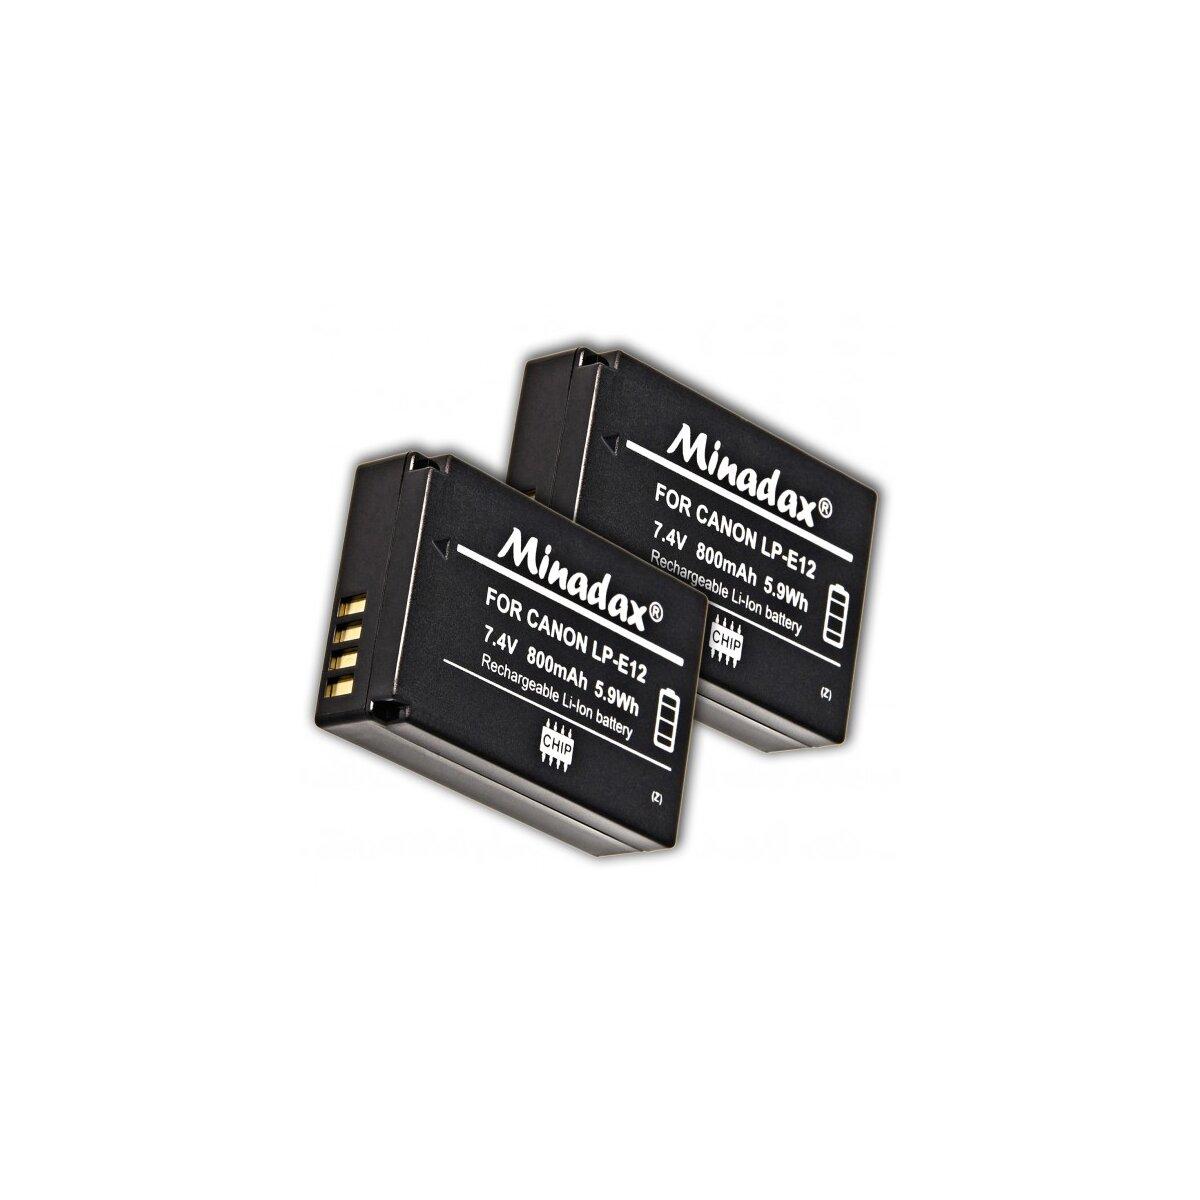 2x Minadax Li-Ion Akkus kompatibel für Canon EOS 100D, EOS M - Ersatz für LP-E12 Akku